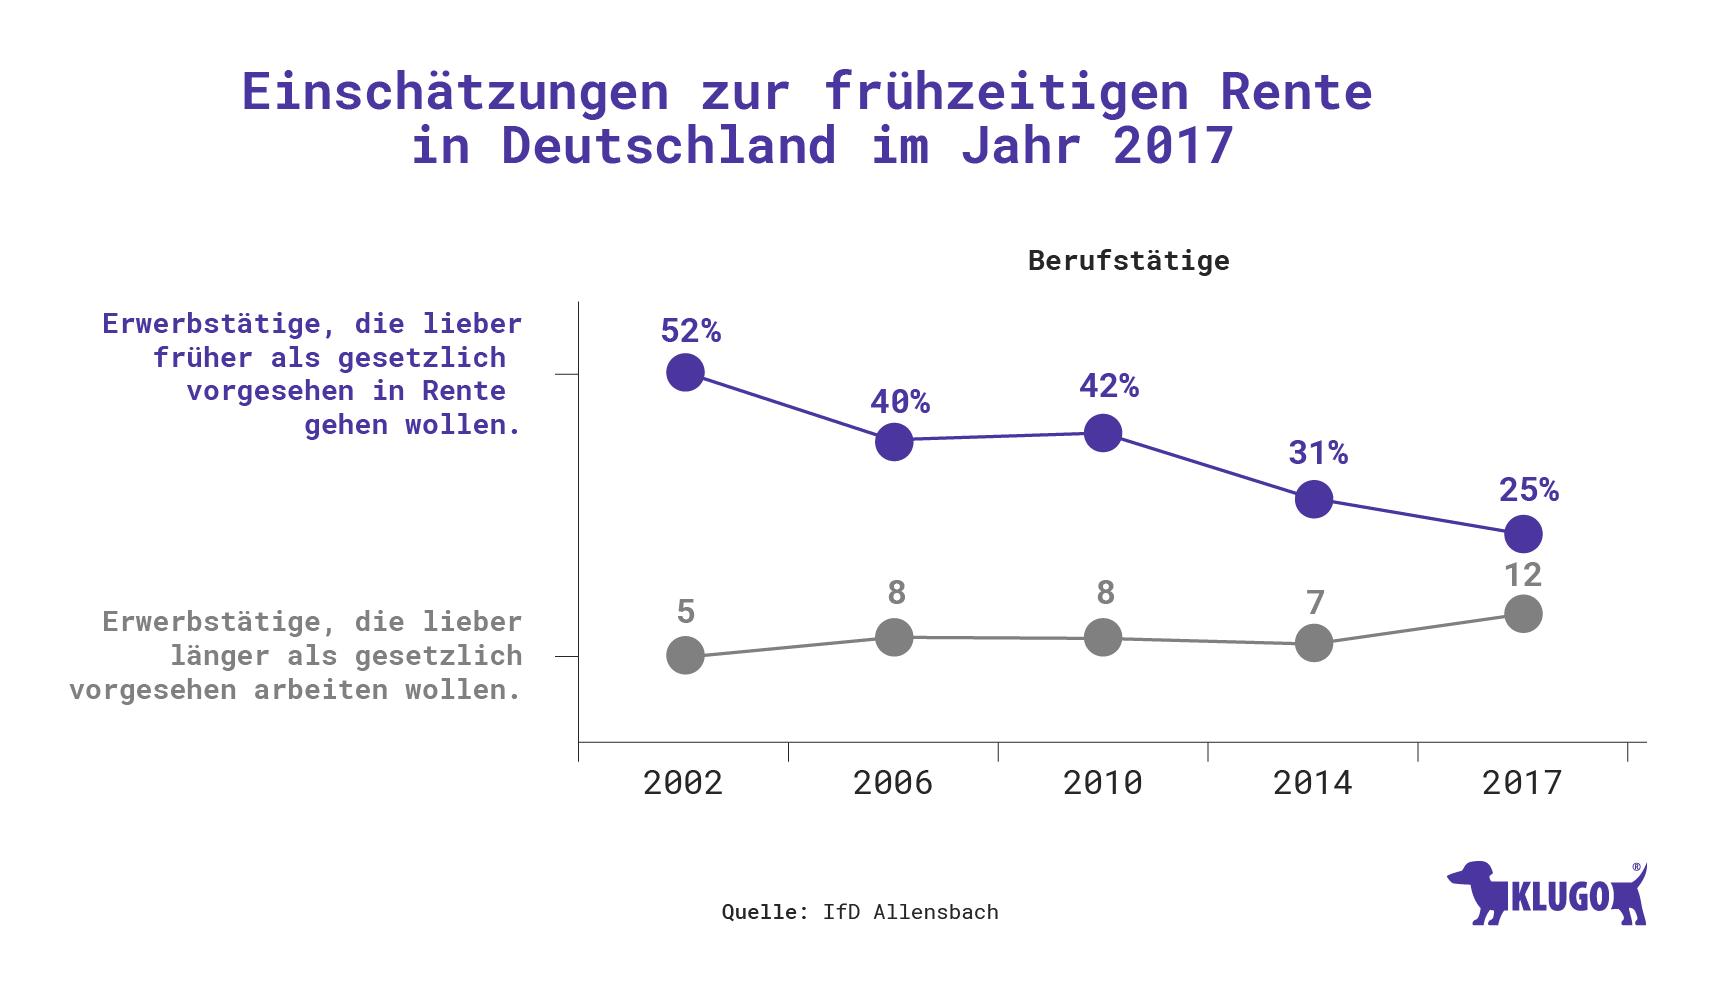 Einschätzungen zur frühzeitigen Rente in Deutschland – Infografik